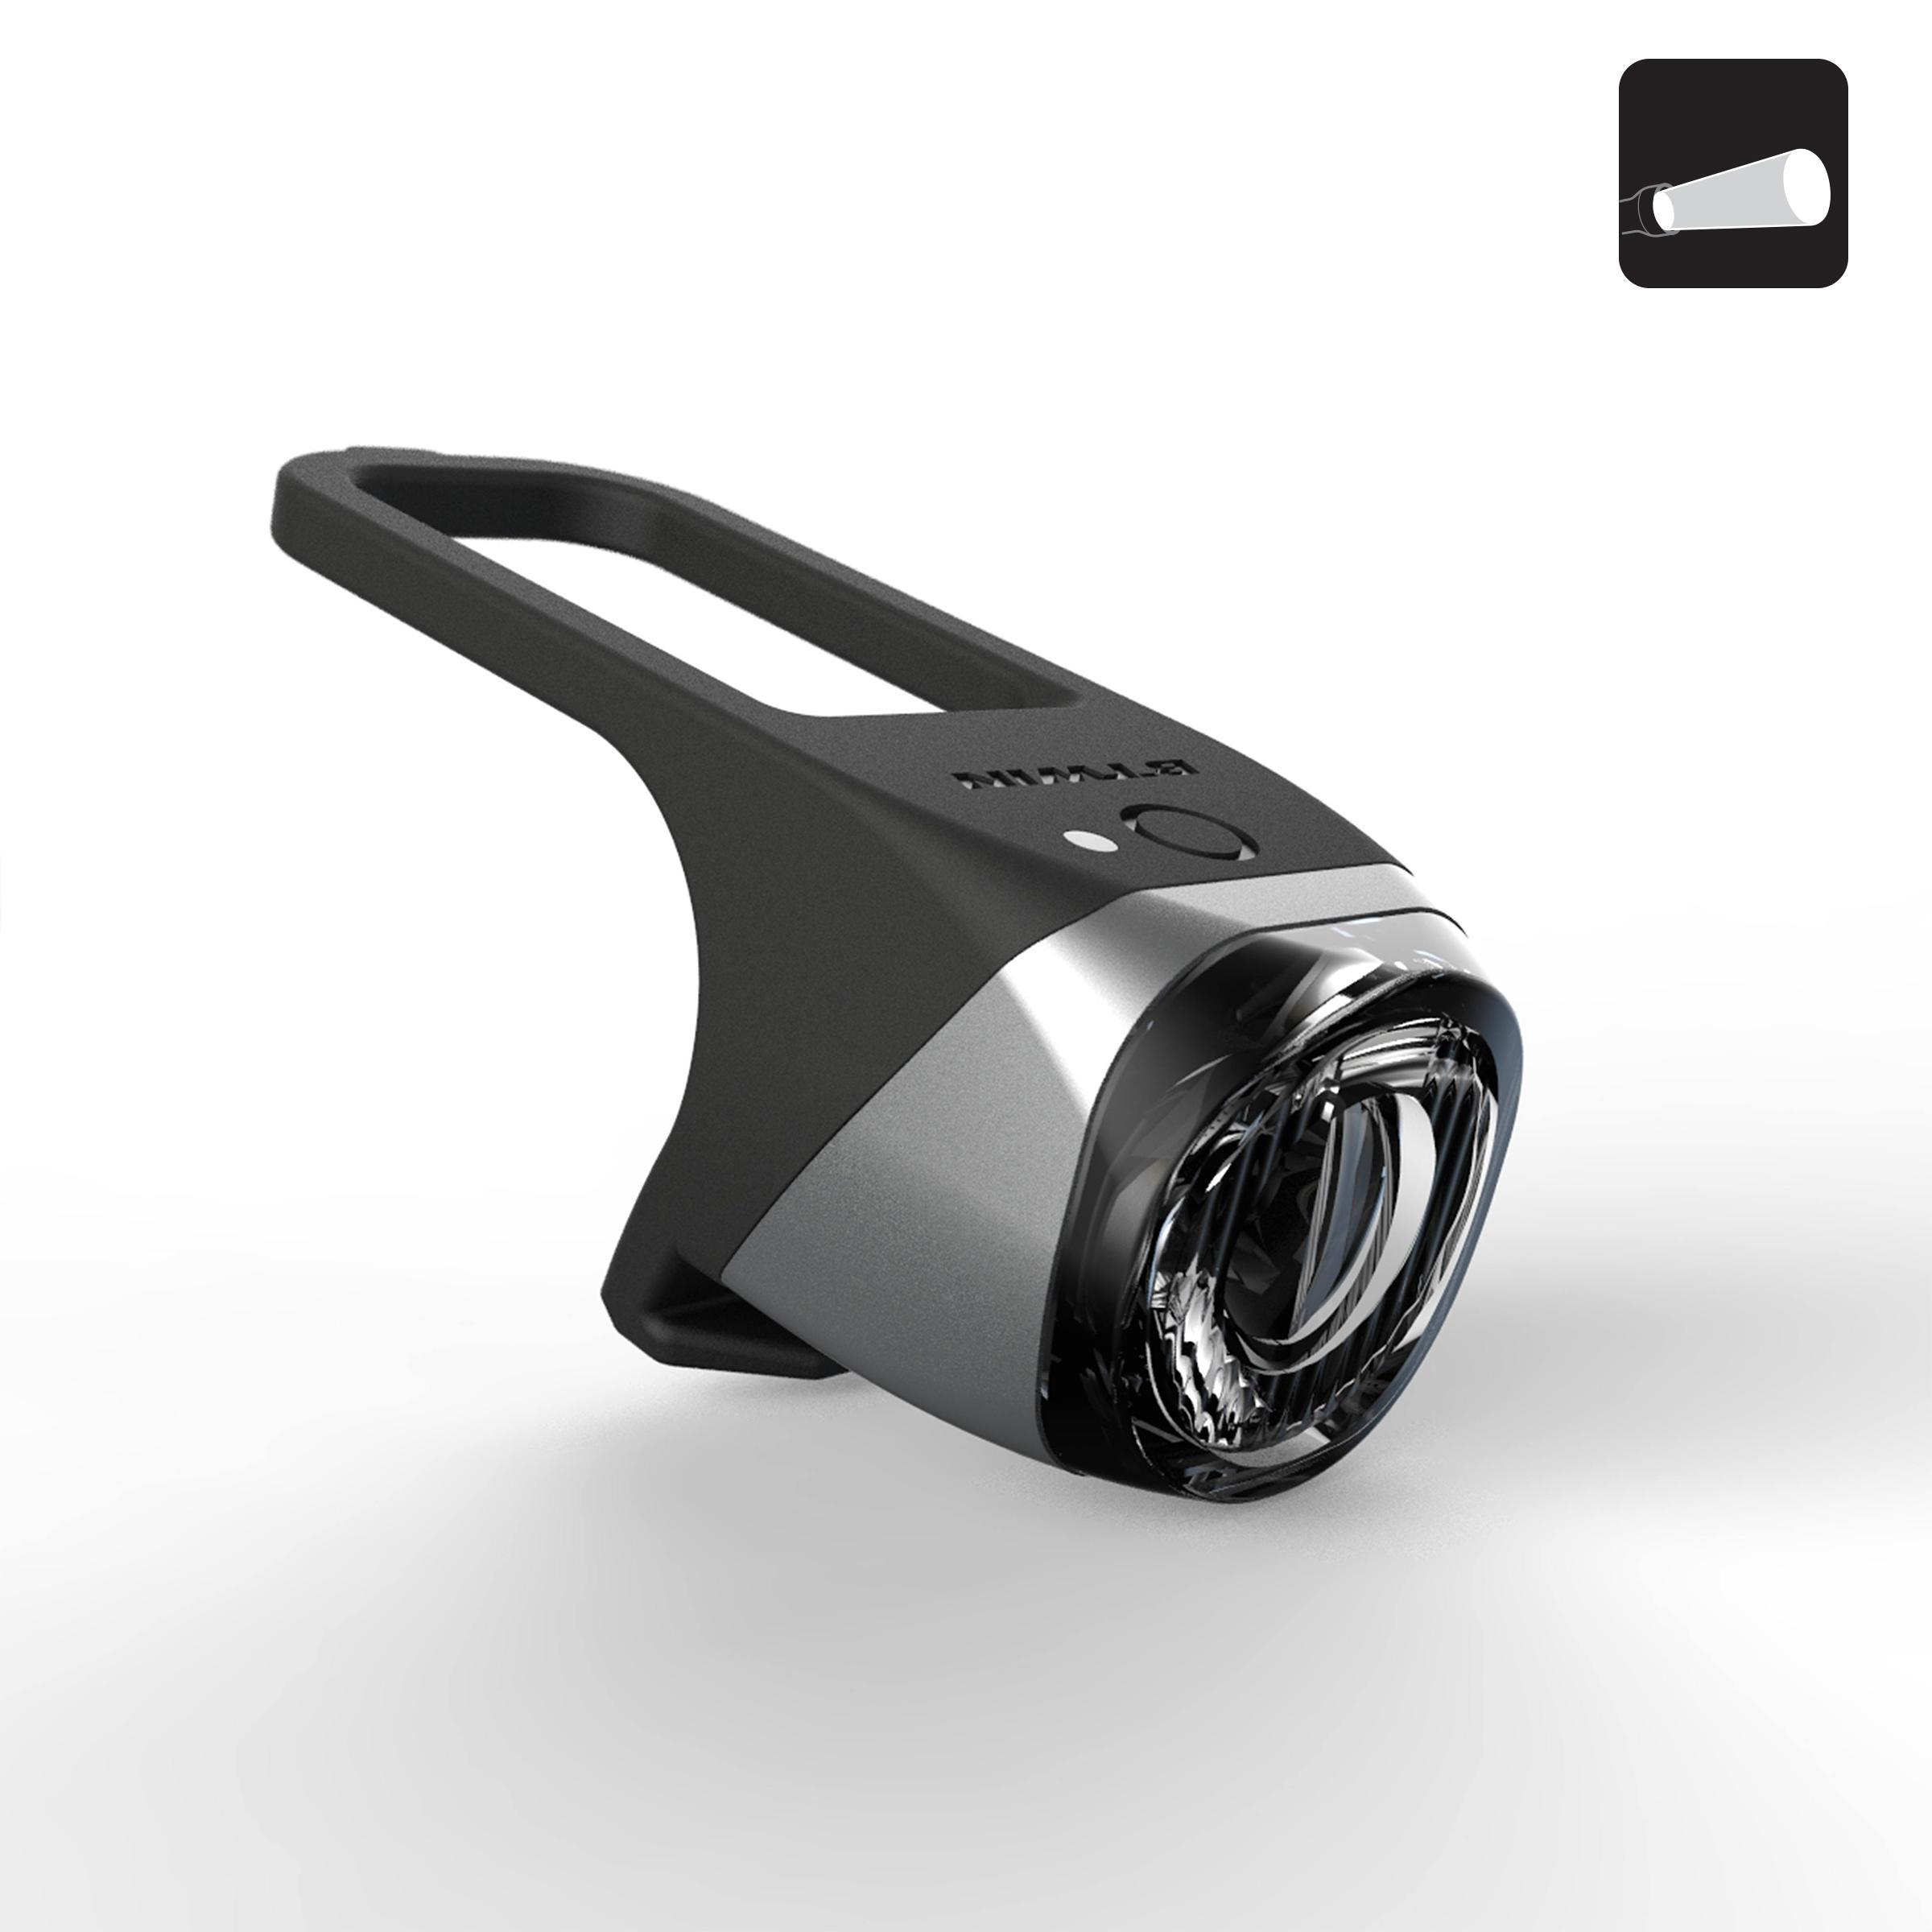 Fahrradbeleuchtung USB Fahrradlampe Fahrradbeleuchtung LED Fahrradlicht set 8f